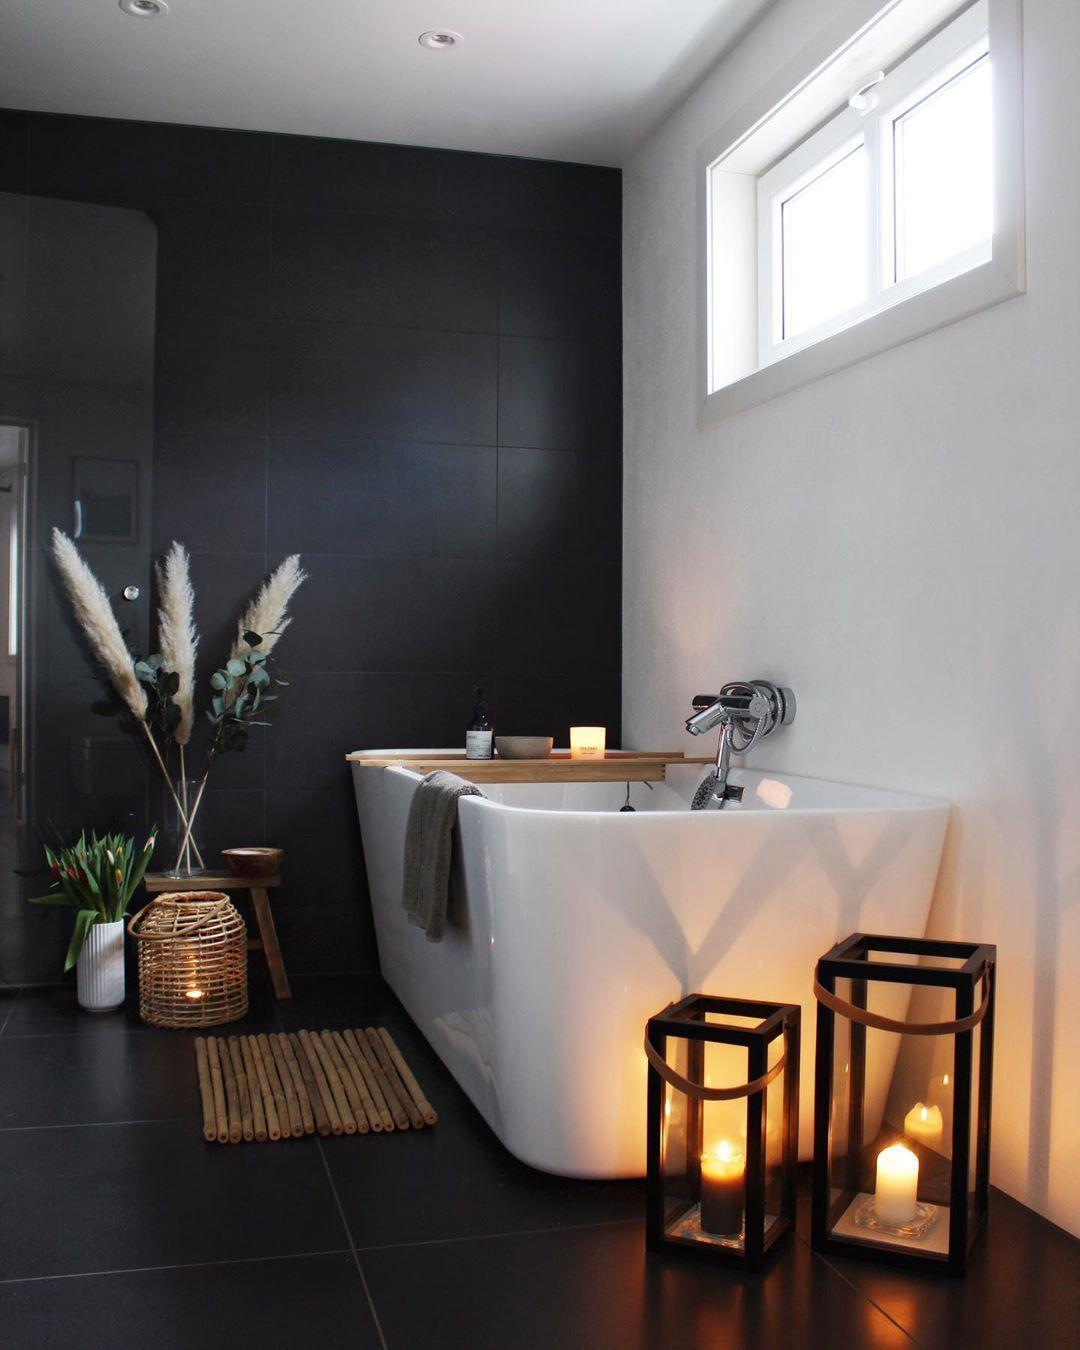 Dunkle Farben Bestimmen Die Stimmung Im Badezimmer Badezimmer Bestimmen Dunkle Farben Stim In 2020 Badezimmer Einrichtung Badezimmer Inspiration Bad Inspiration